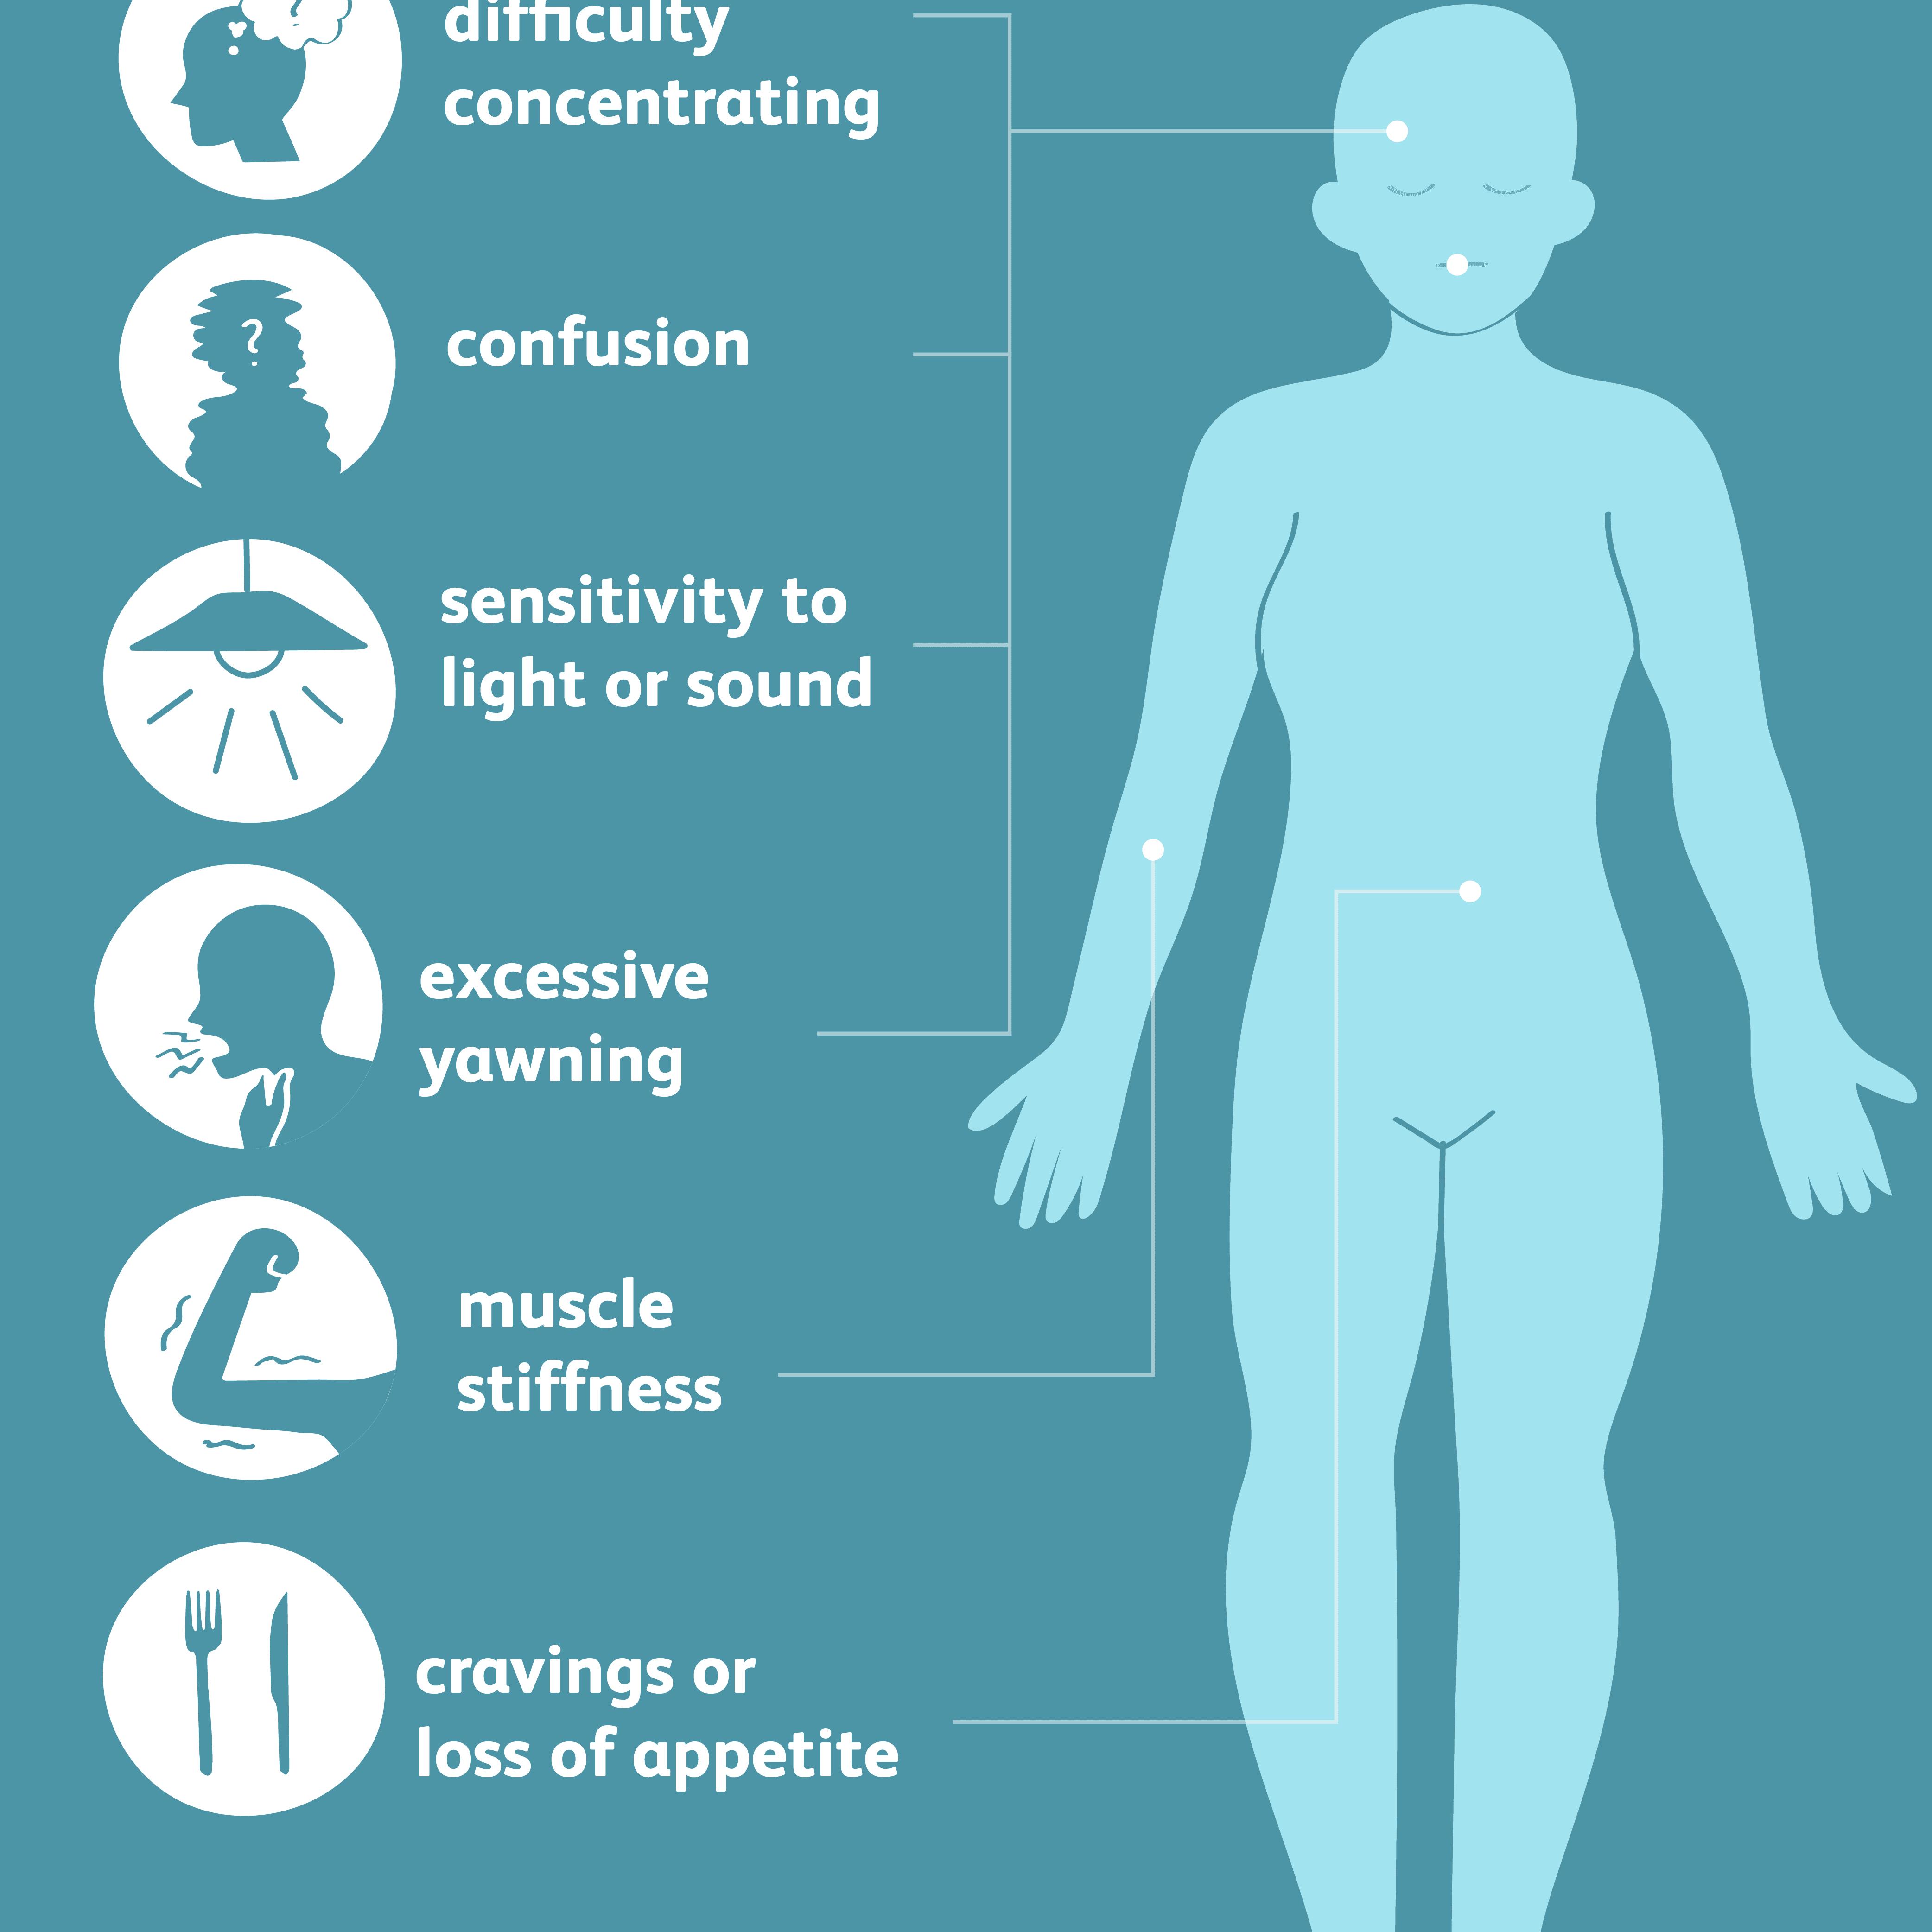 premonitory symptoms of a migraine